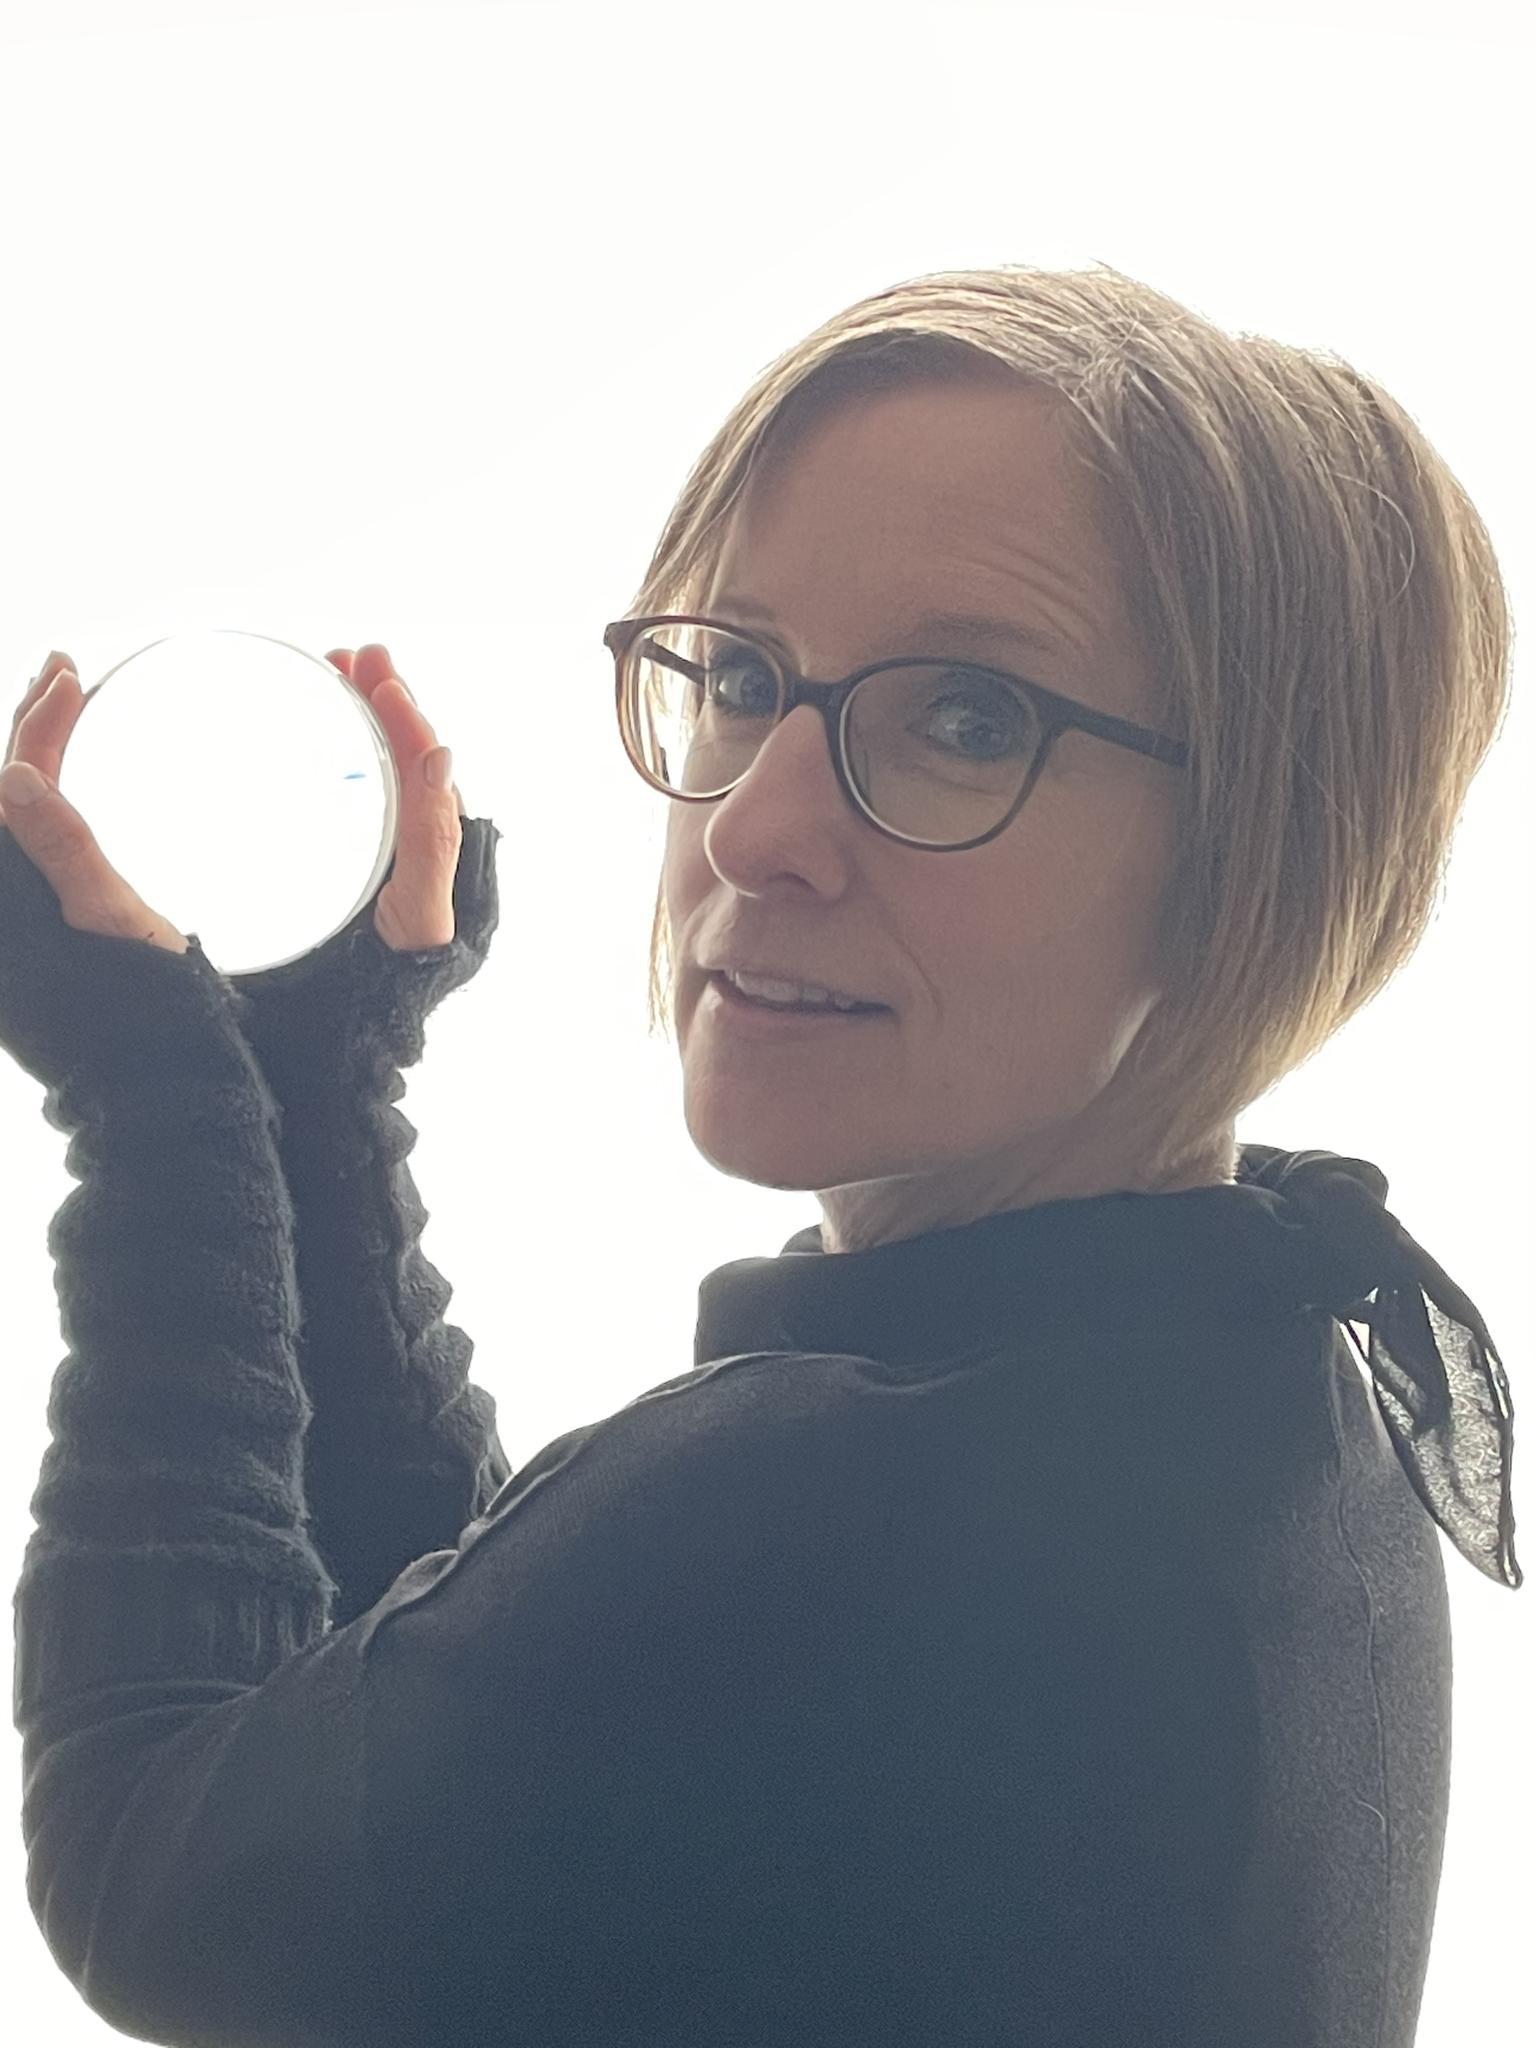 Susanne Geppert, Dipl.-Pflegewirtin (FH) und Lehrerin für Pflegeberufe, erarbeitet Lernmaterial für die Pflegeausbildung.